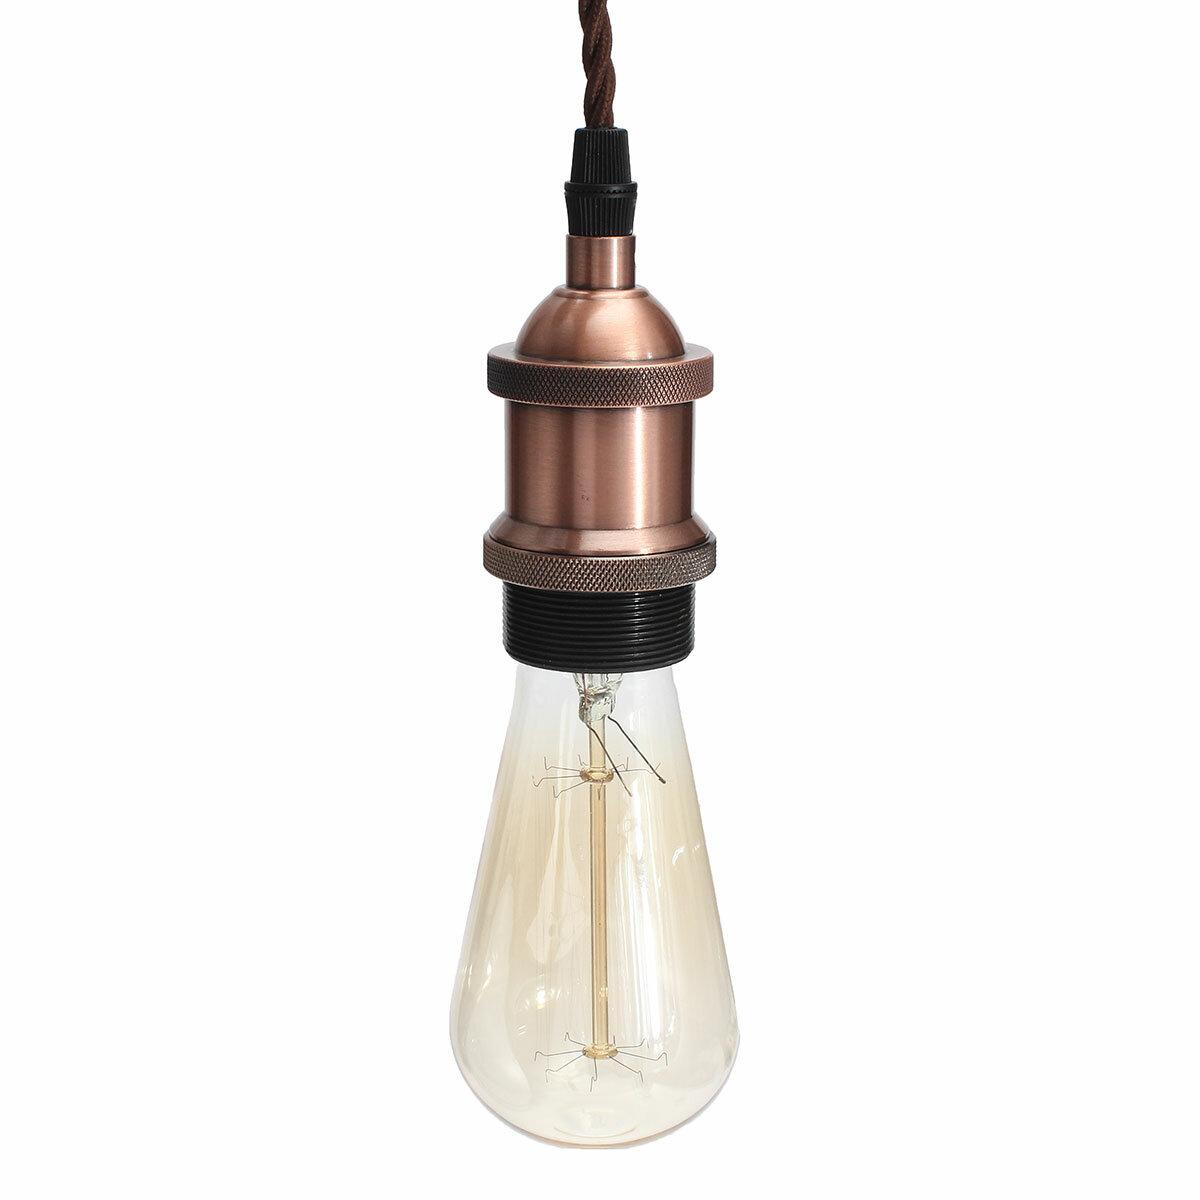 KINGSO Vintage Hanging Pendant Light Kit Modern Retro Industrial Style Base Brass Lamp Holder